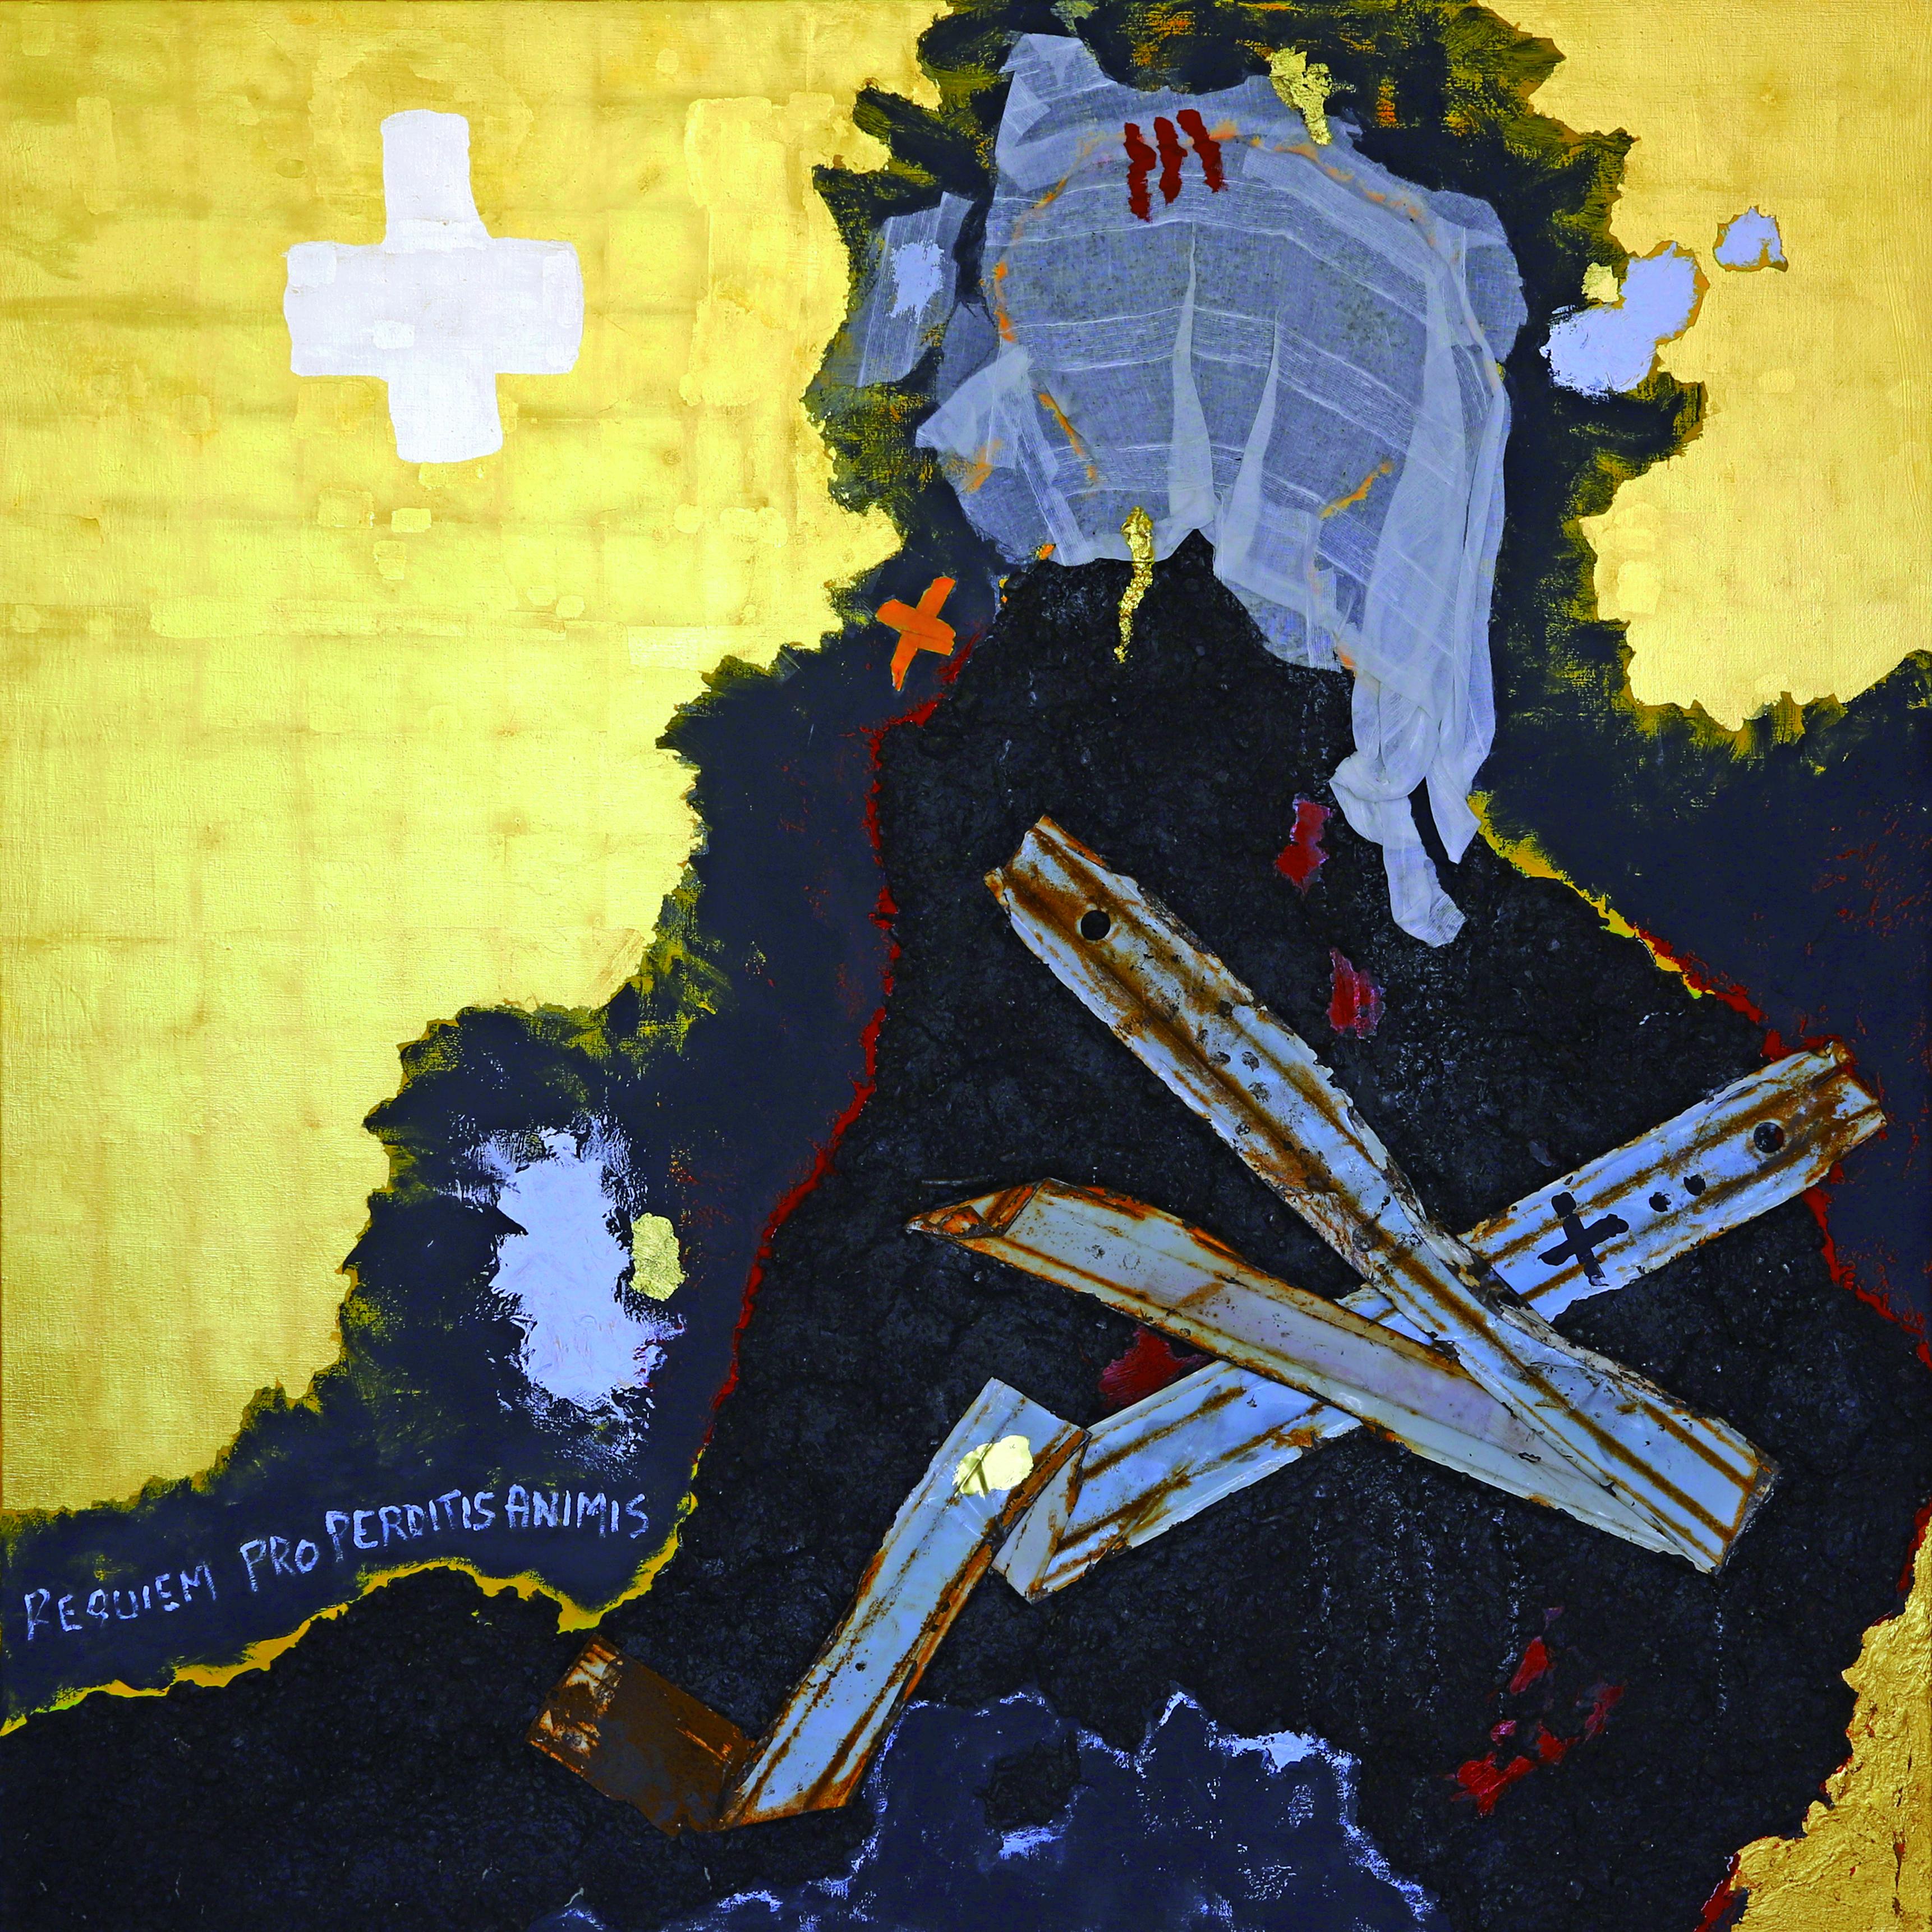 Peinture No 215 - Requiem pro perditis animis-Requiem pour les âmes perdues - Acrylique, pigments, terre, métal, tissus, feuilles d'or jaune et blanc sur toile - 150x150 - 2021